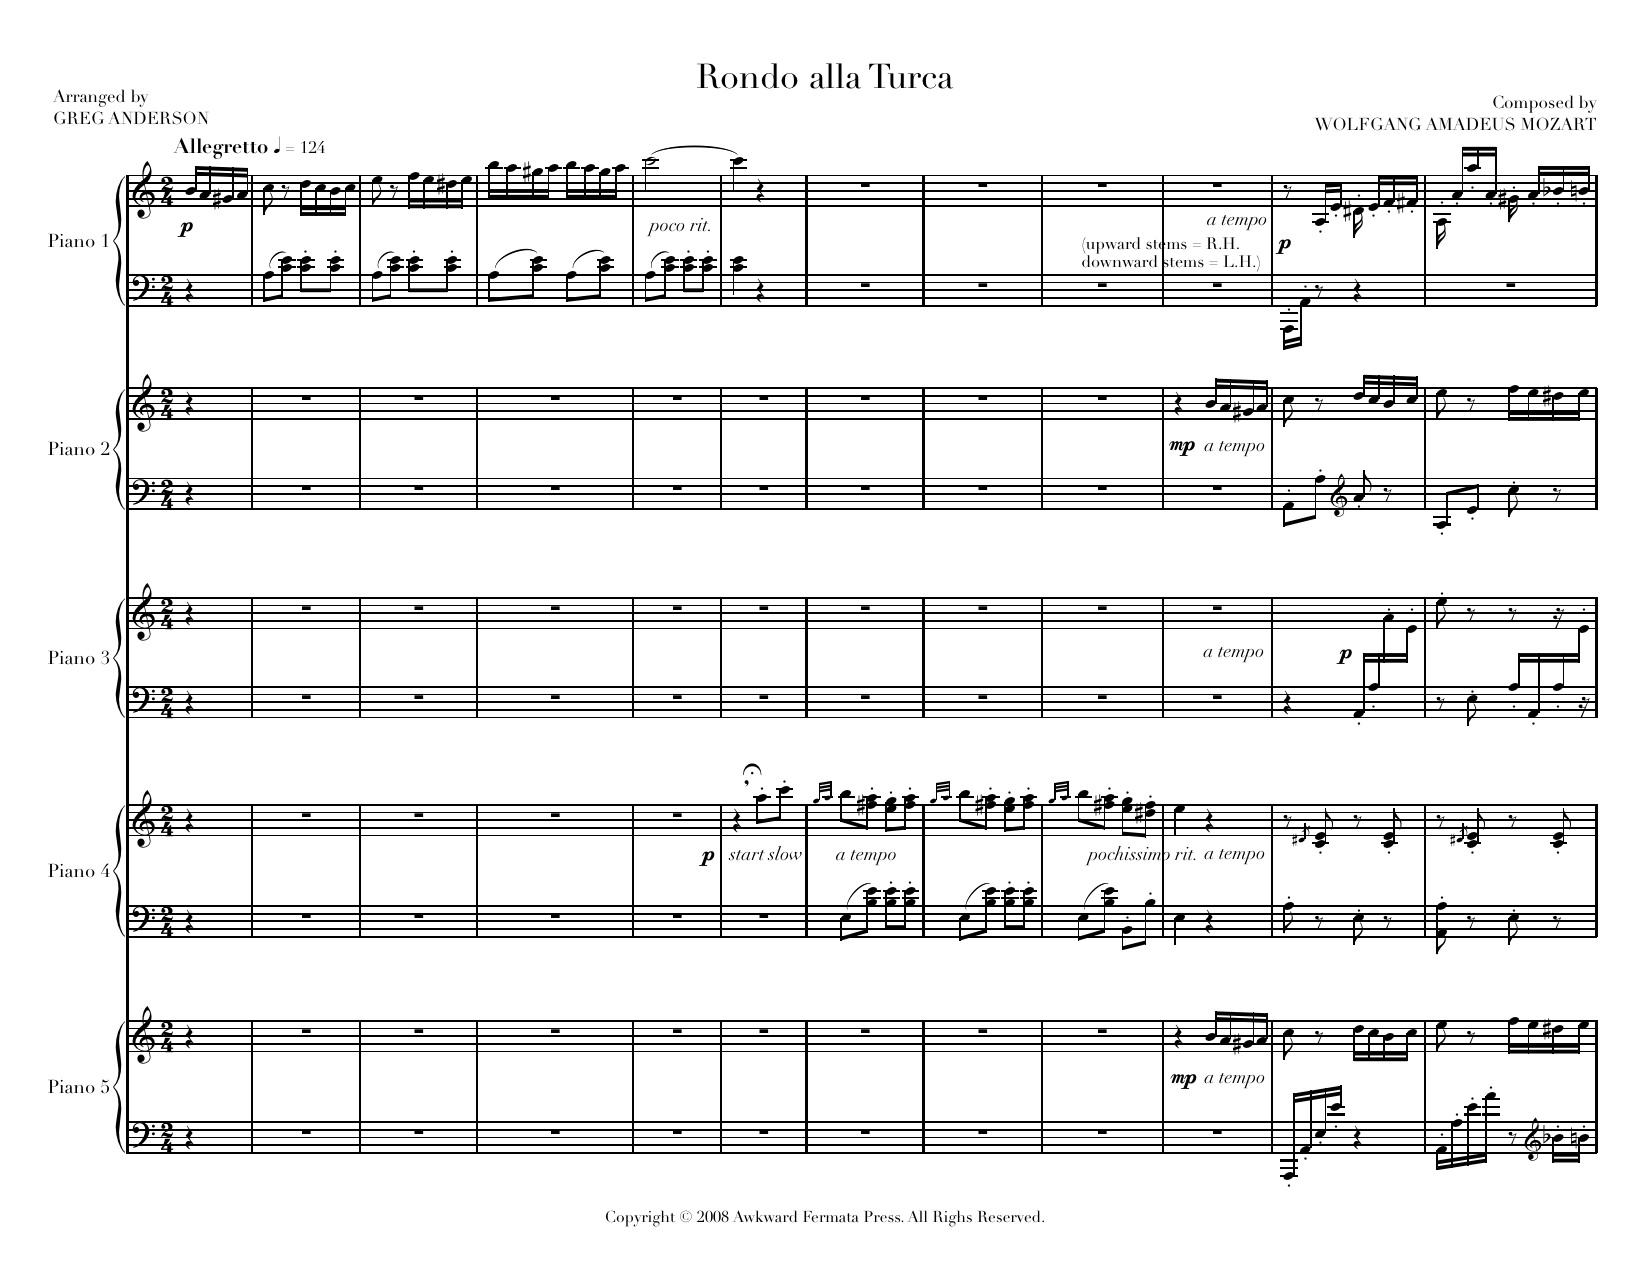 Alla Turca Mozart mozart: rondo alla turca — greg anderson concert pianist